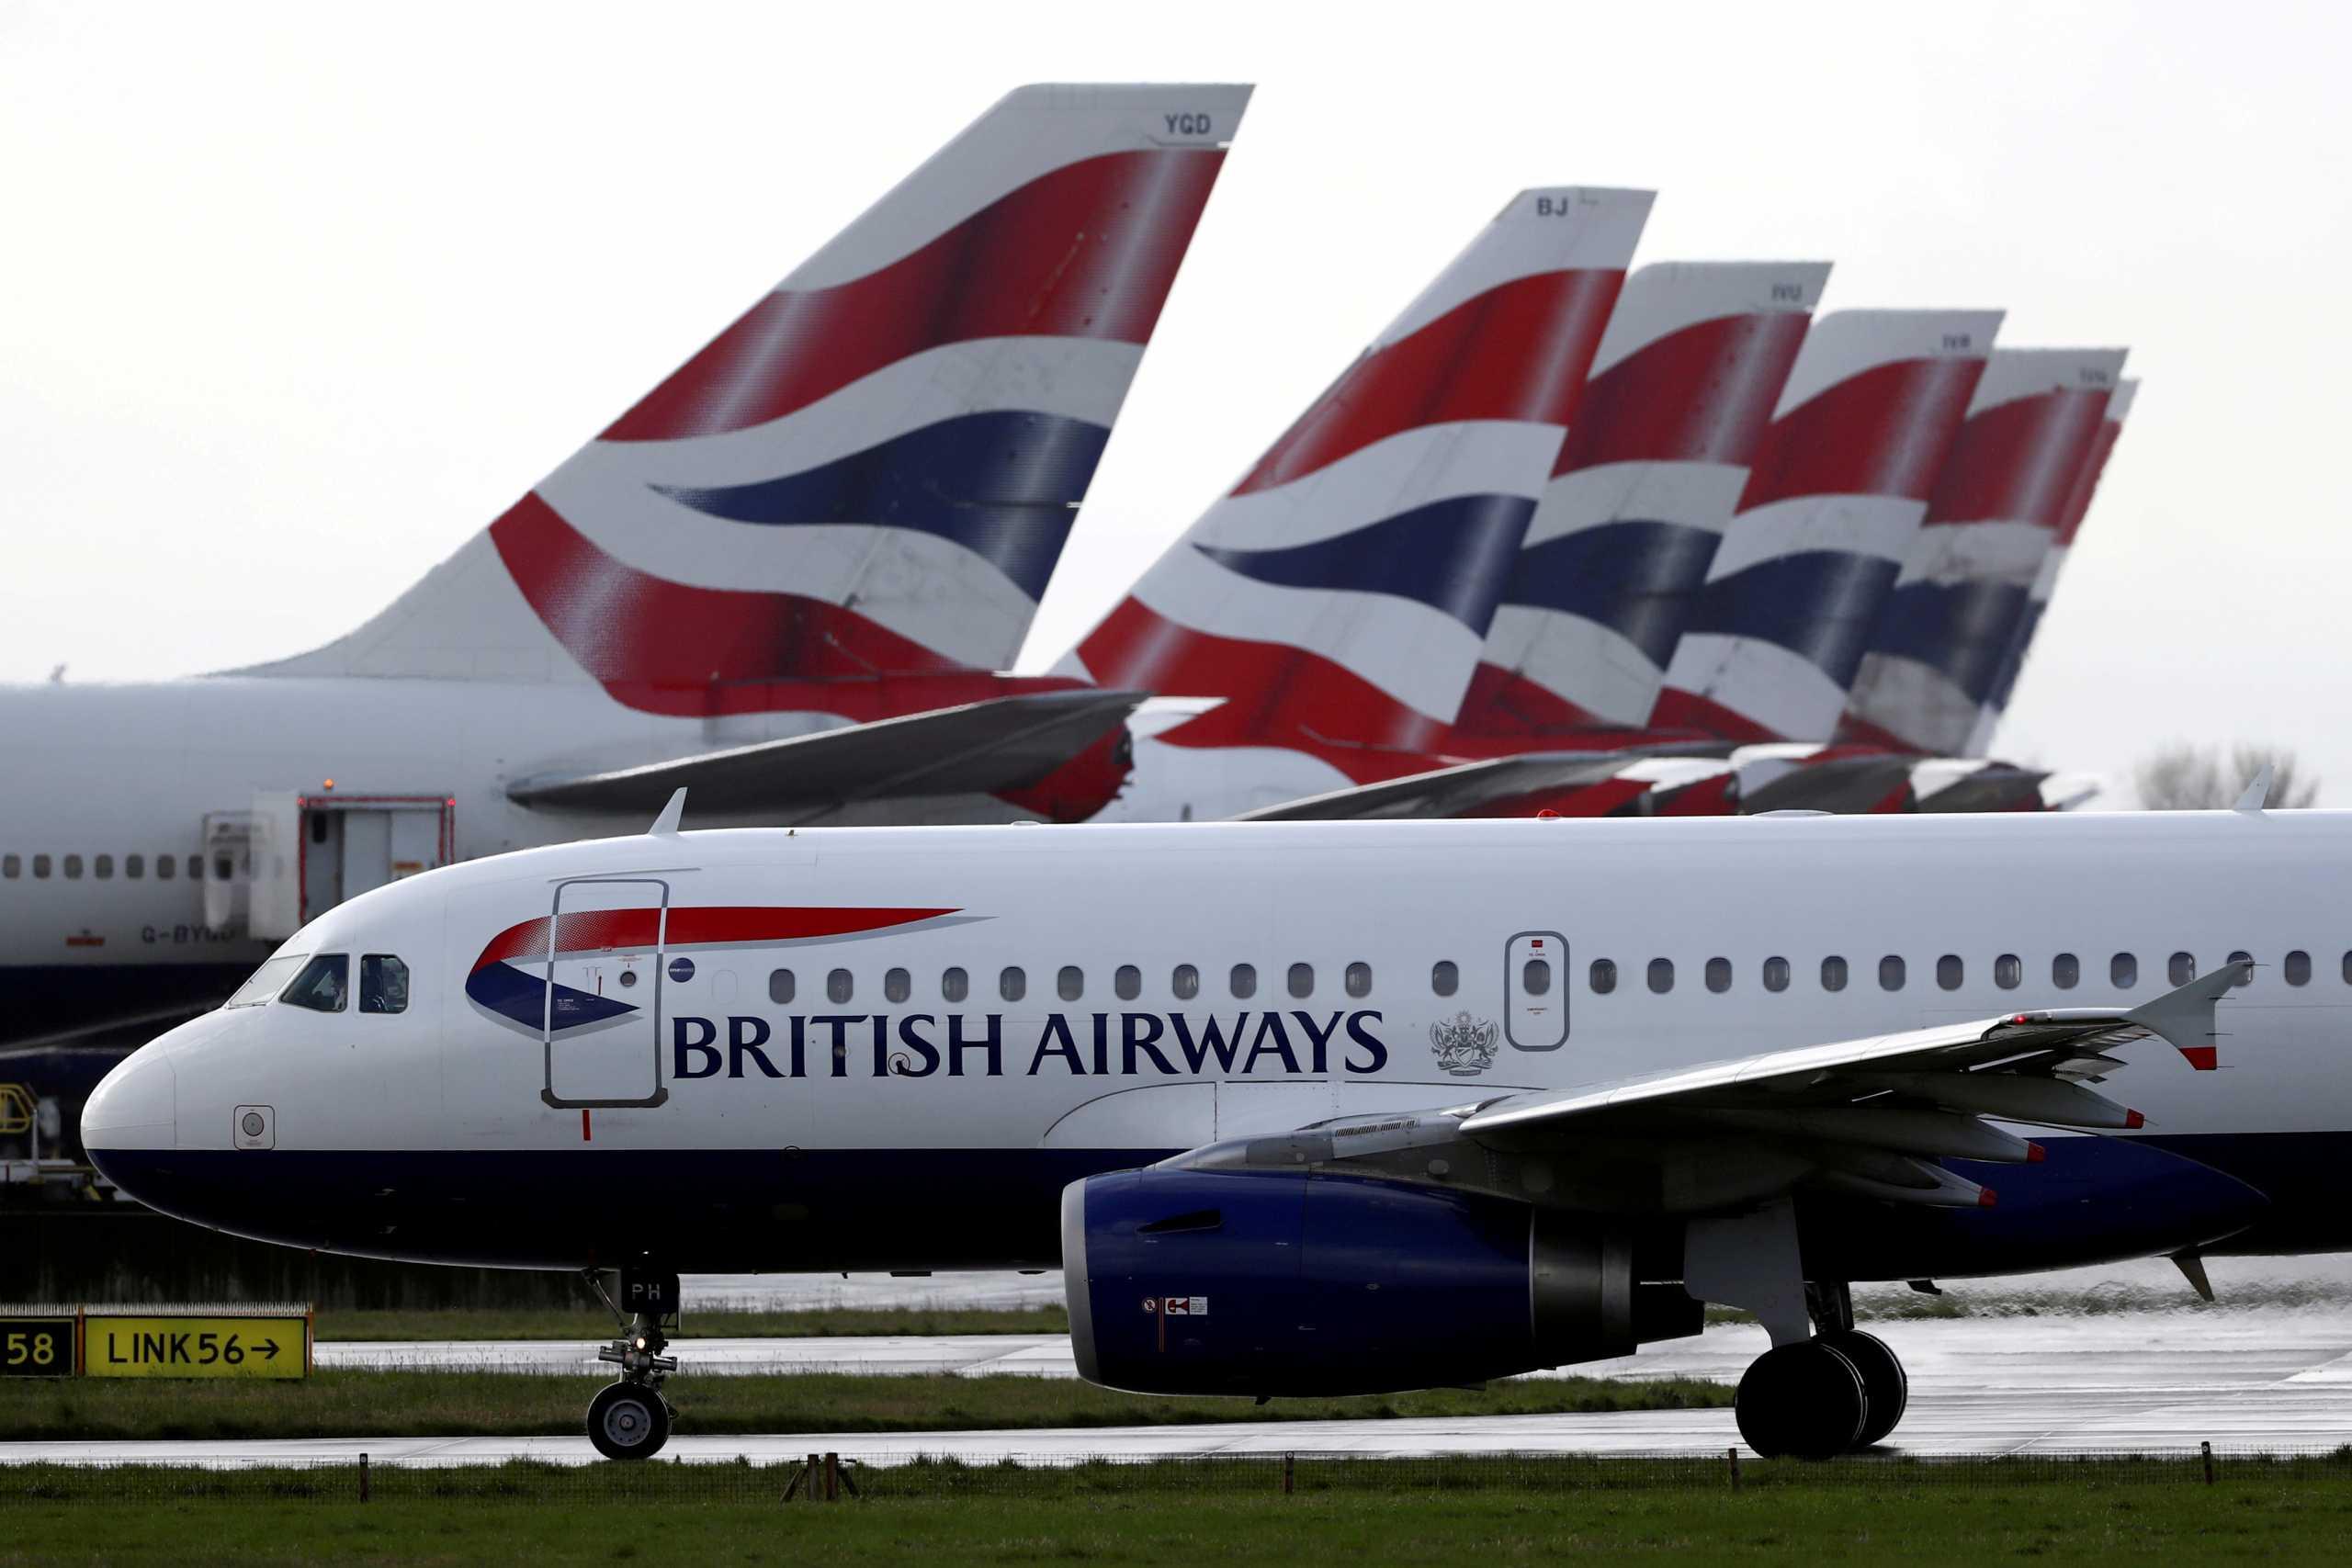 Κορονοϊός: Σωρηδόν οι χώρες απαγορεύουν τις πτήσεις από και προς την Βρετανία